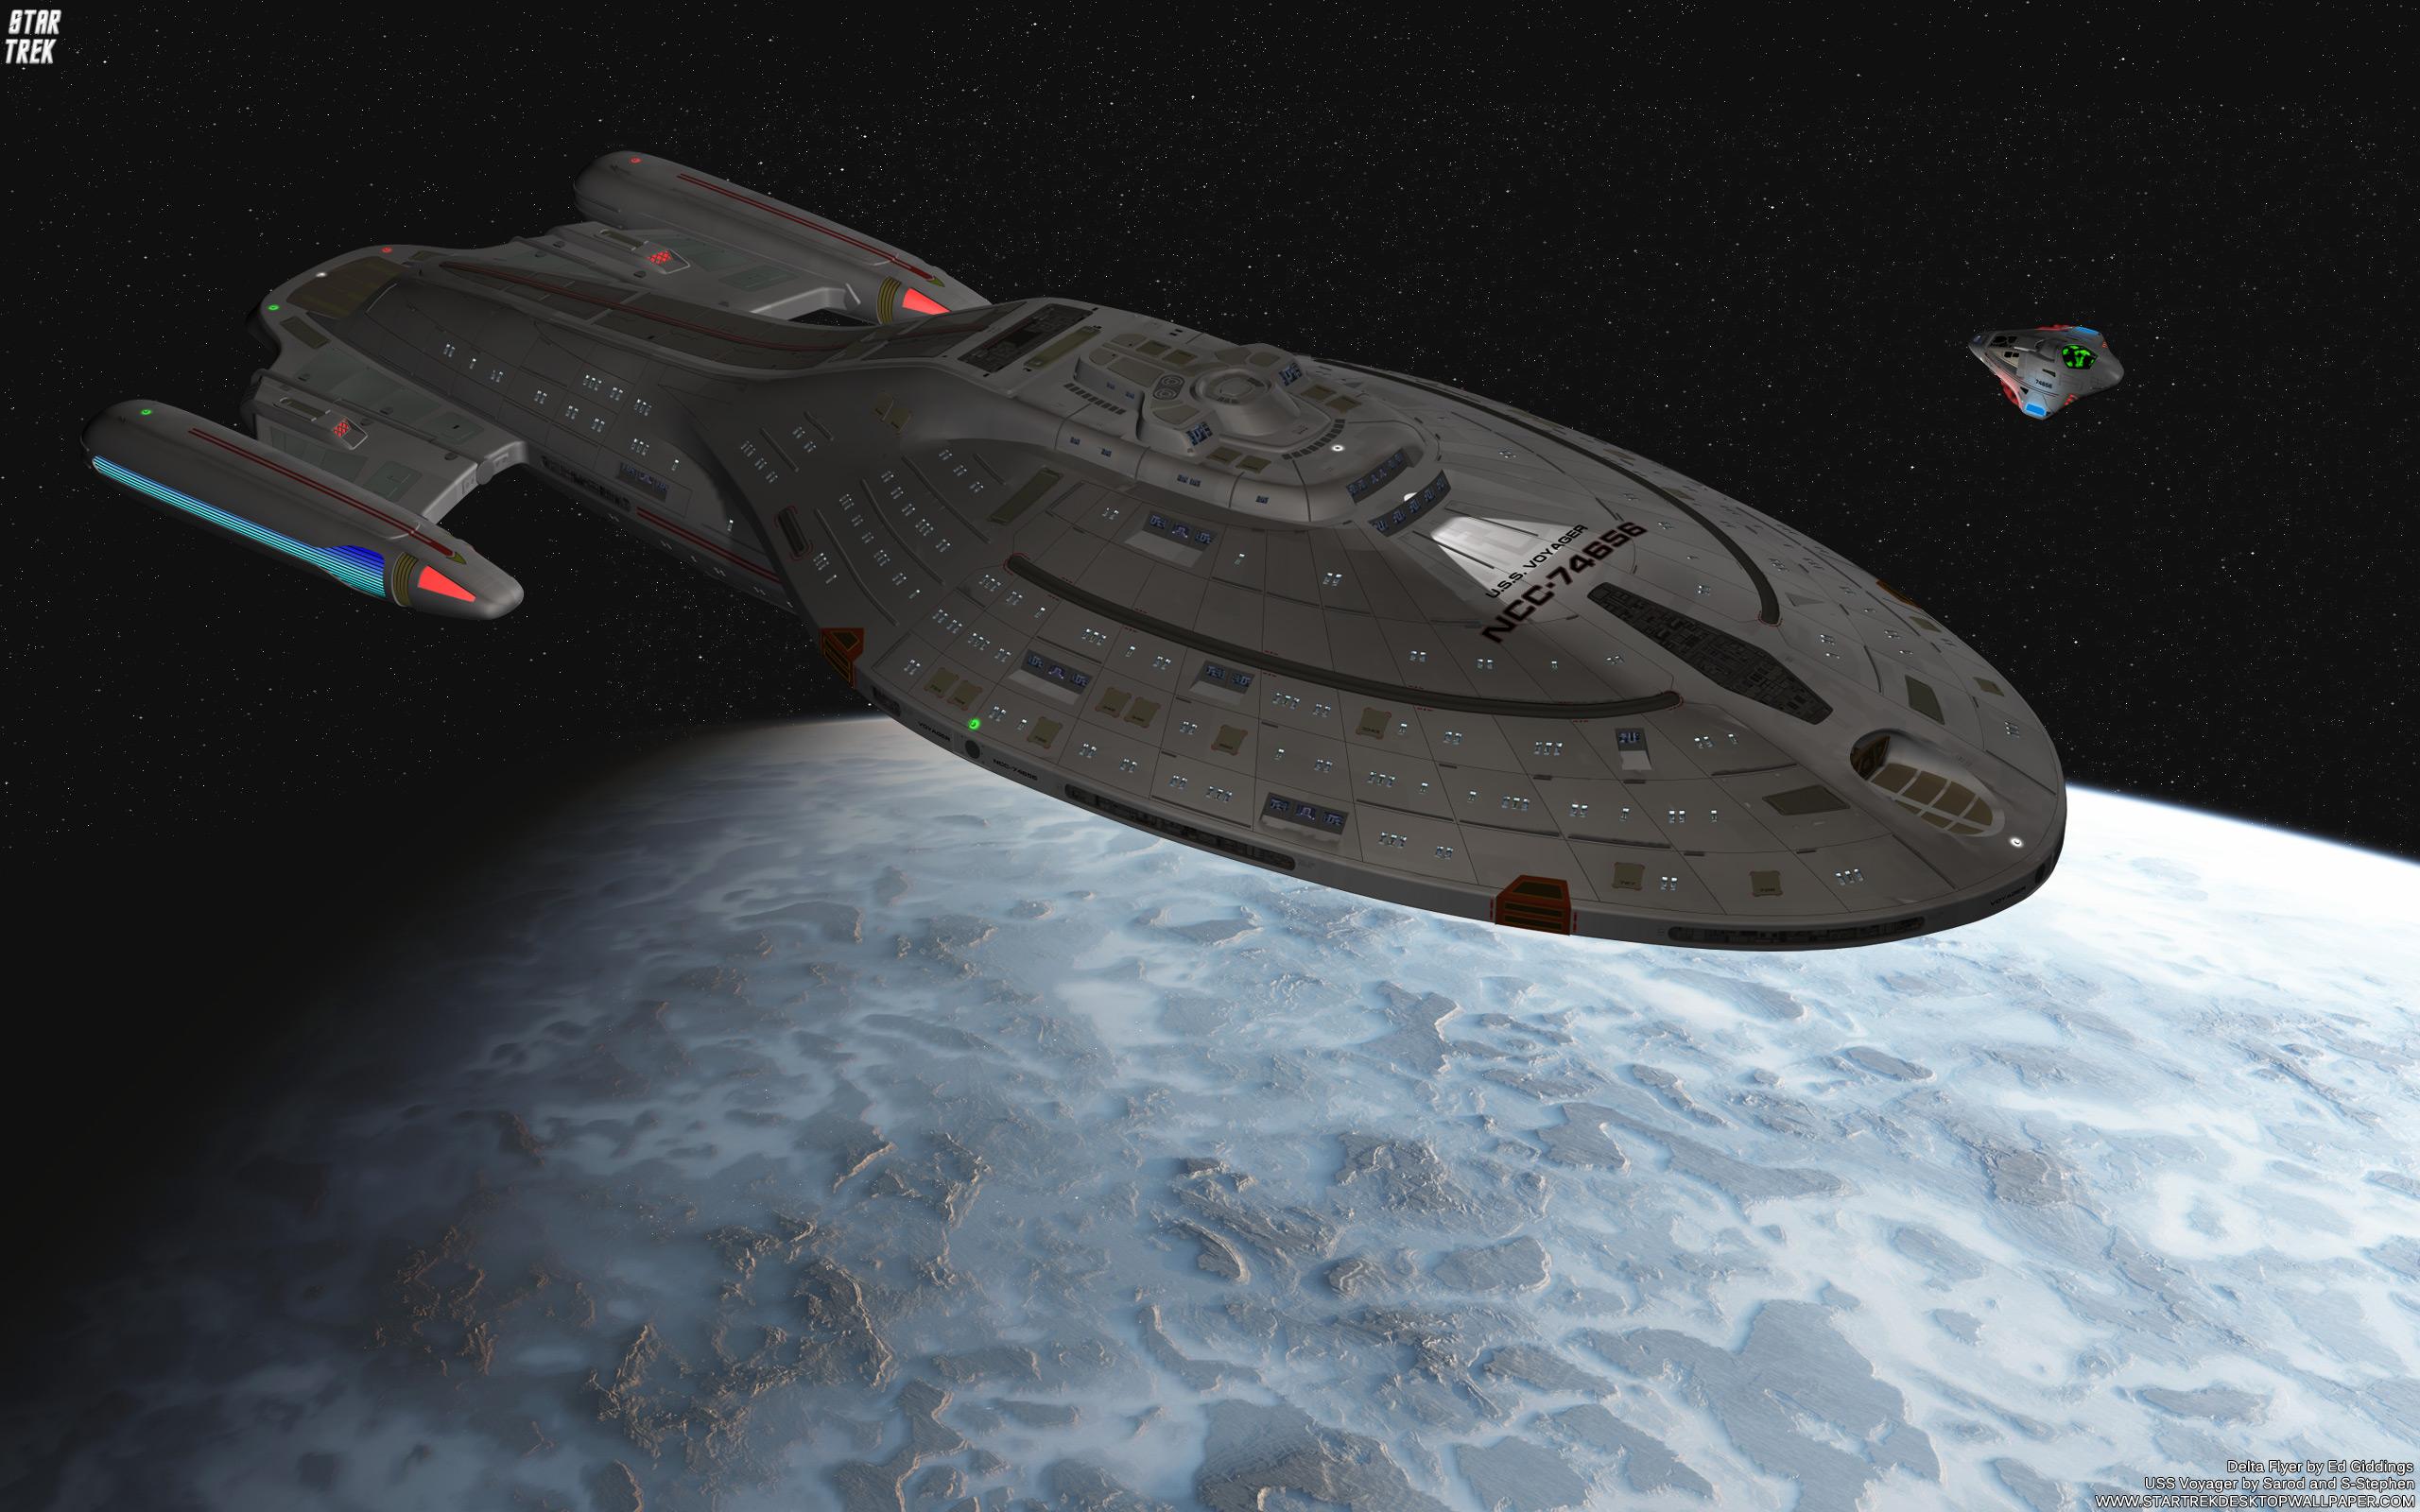 Download Star Trek Nemesis Screensaver Screensavers Images 2560x1600